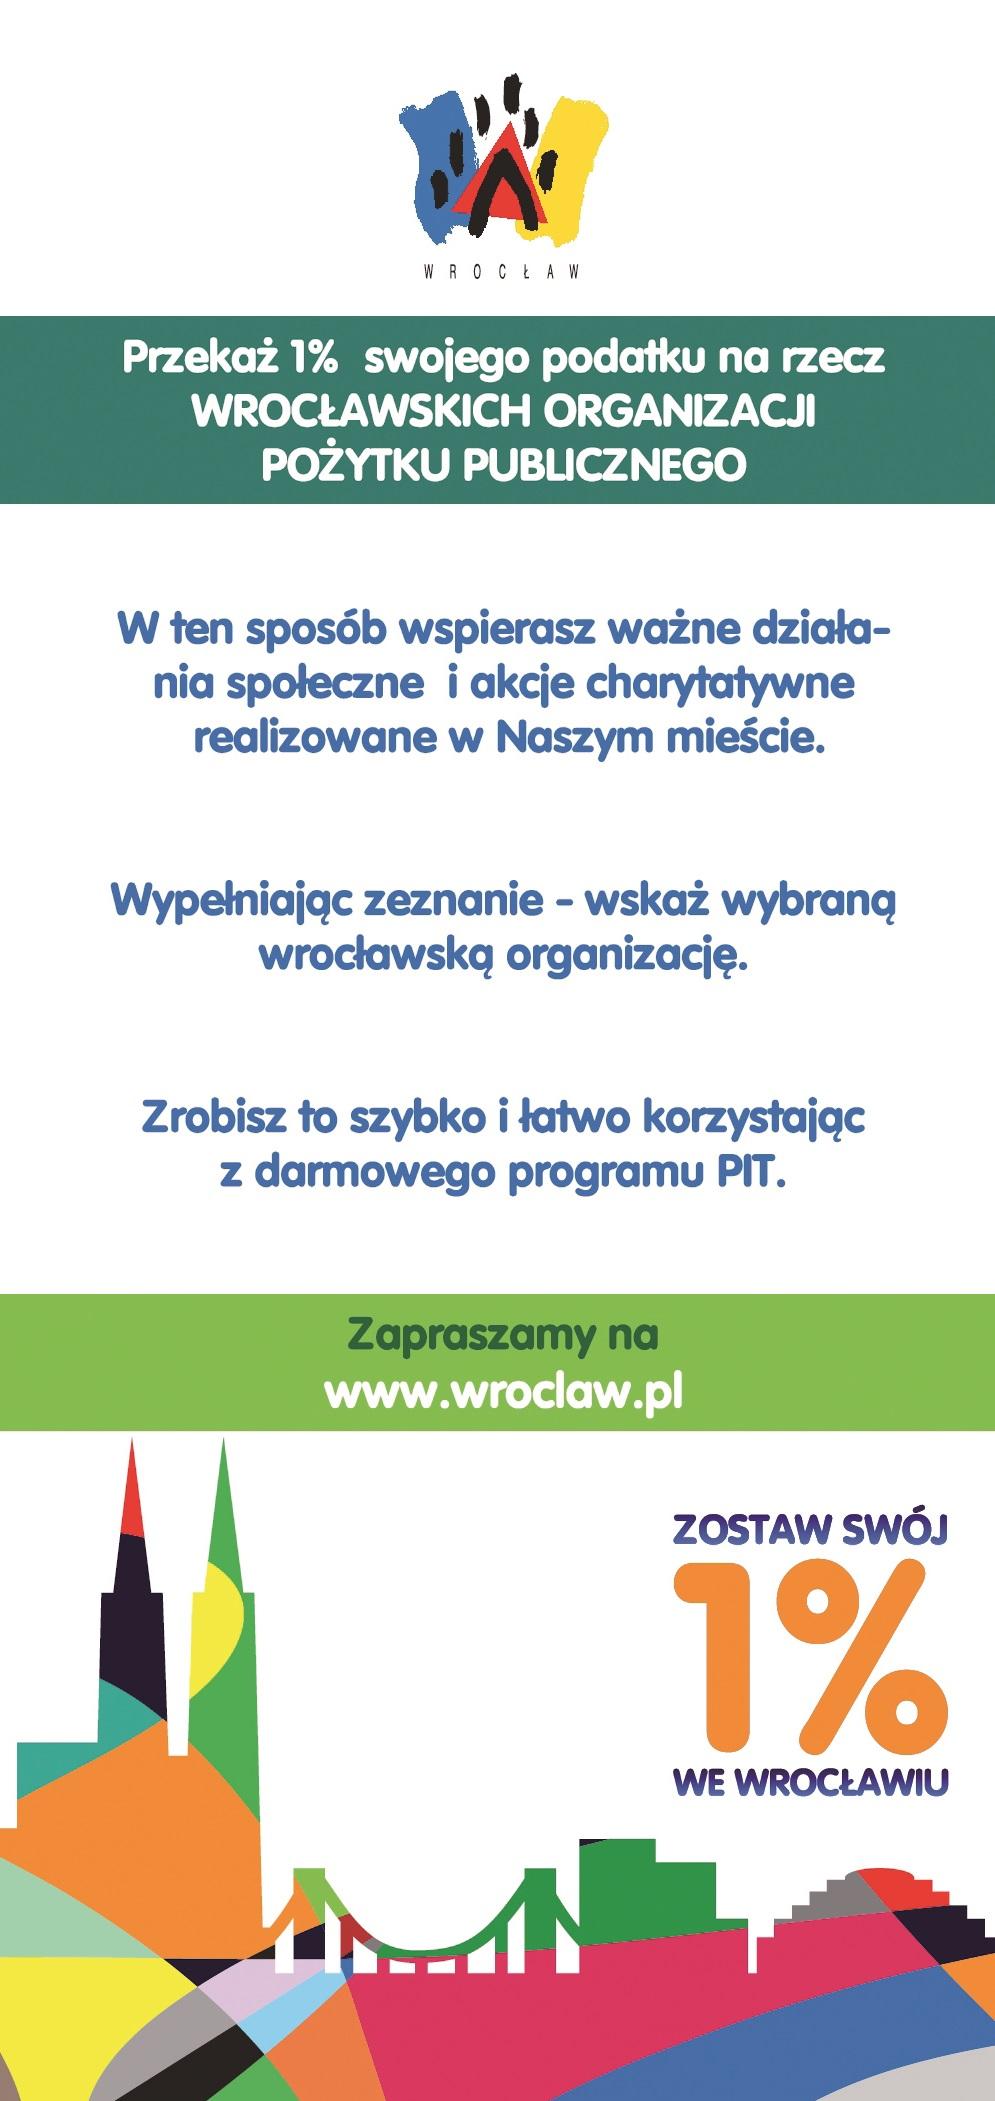 Zostaw swój 1 proc. we Wrocławiu